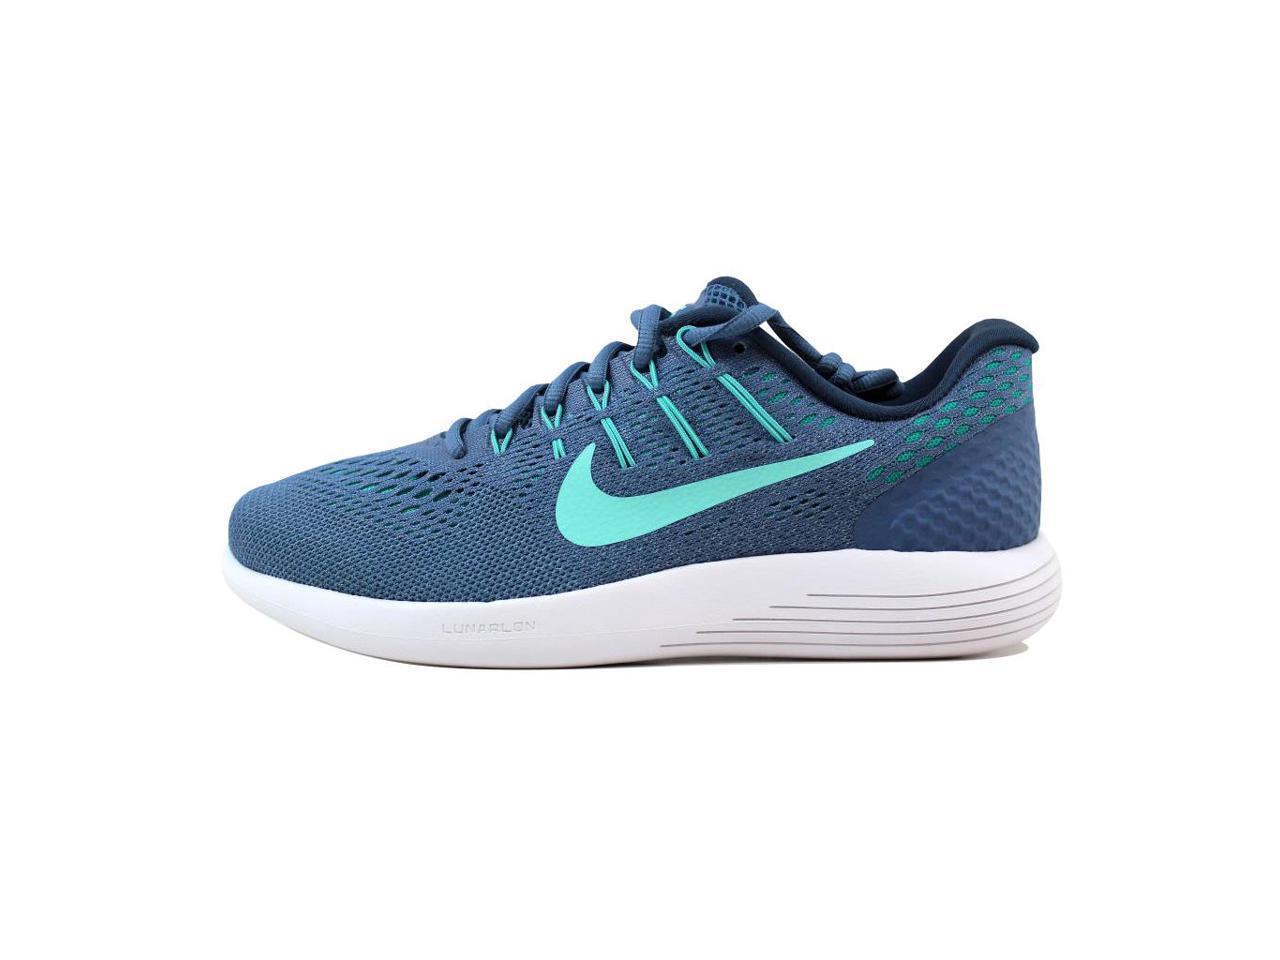 Zapatos Nike Nike Zapatos Lunarglide 8 Mujer Niebla Oceano Azul - Cual-es-el-color-turquesa